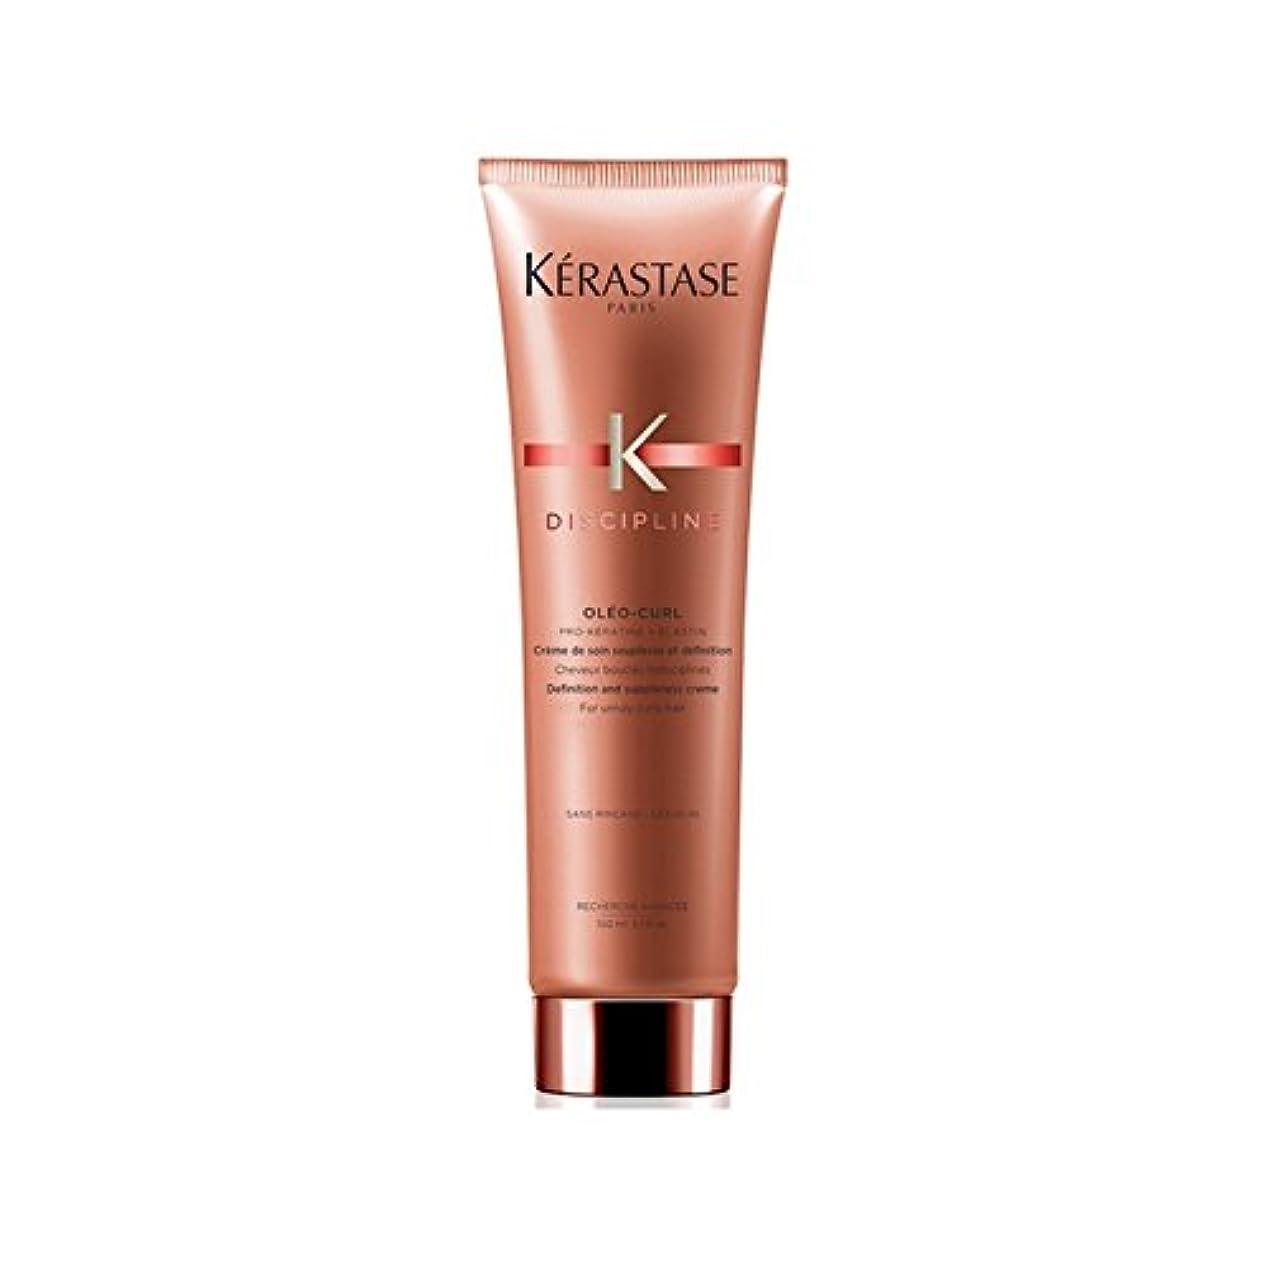 装備する不快どれ理想的なクレンジングコンディショナー400ミリリットルカールケラスターゼの規律 x4 - K?rastase Discipline Curl Ideal Cleansing Conditioner 400ml (Pack...